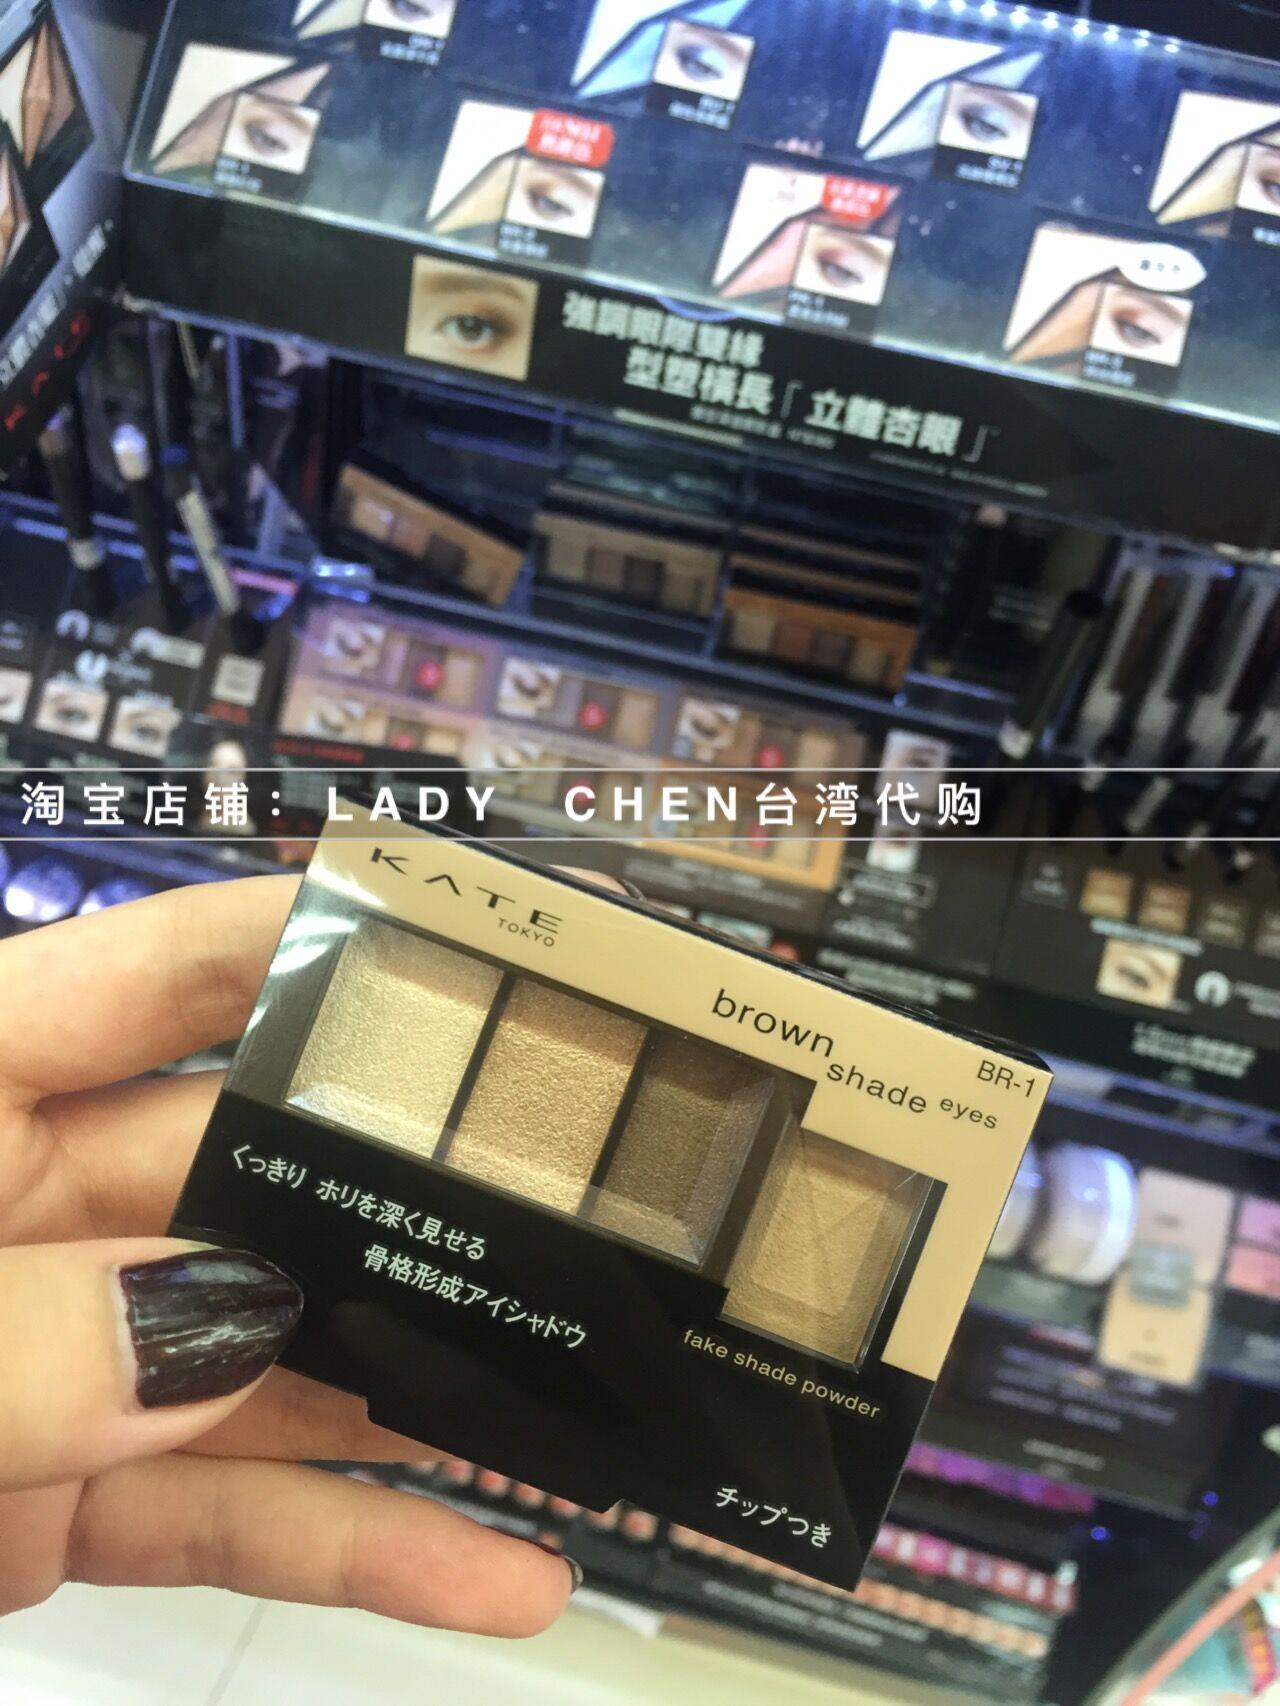 台湾采购 kate 骨干重塑3+1立体三色眼影鼻影盒6色可选裸色大地色